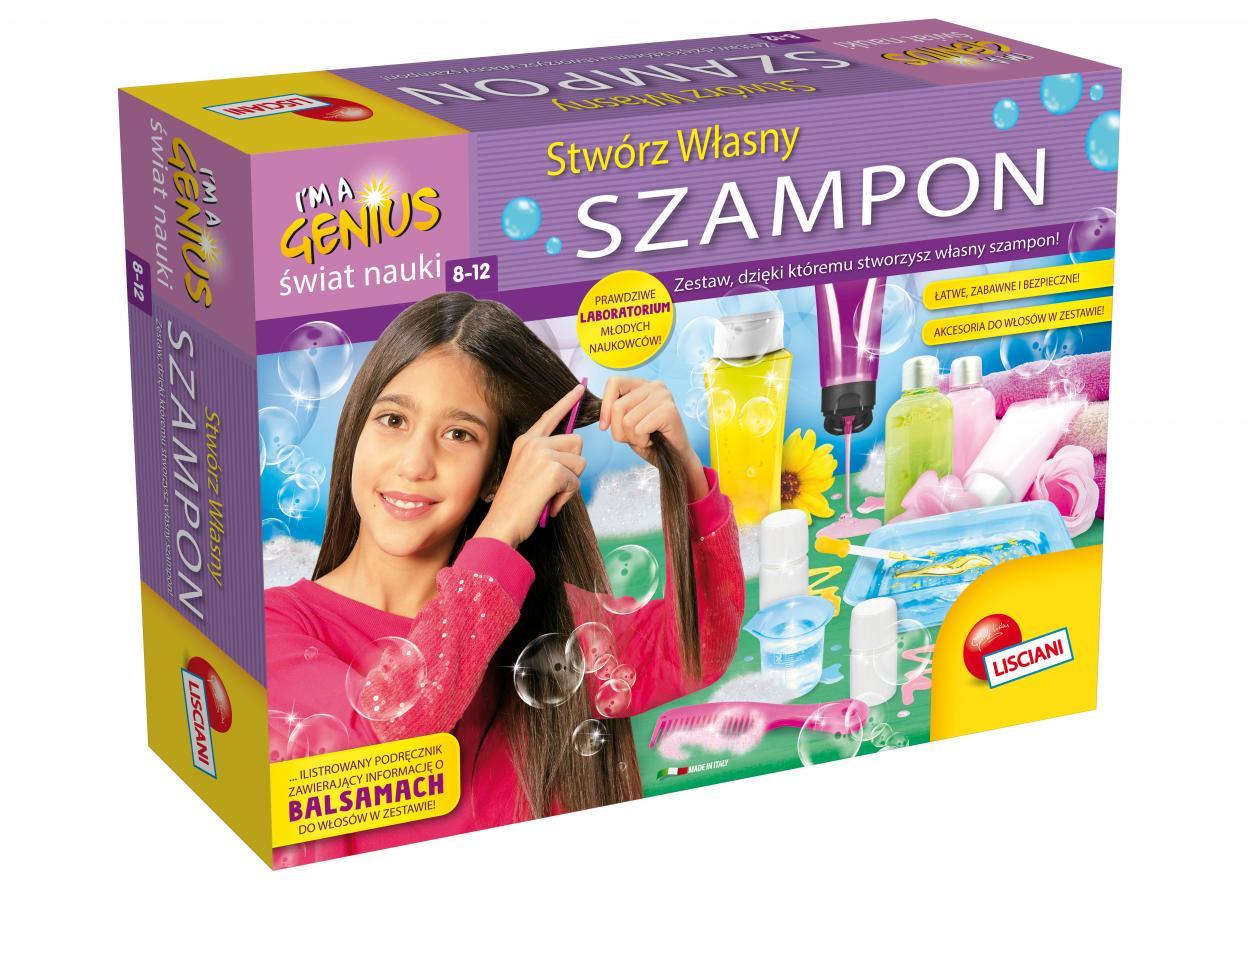 I'm a Genius. Stwórz własny szampon